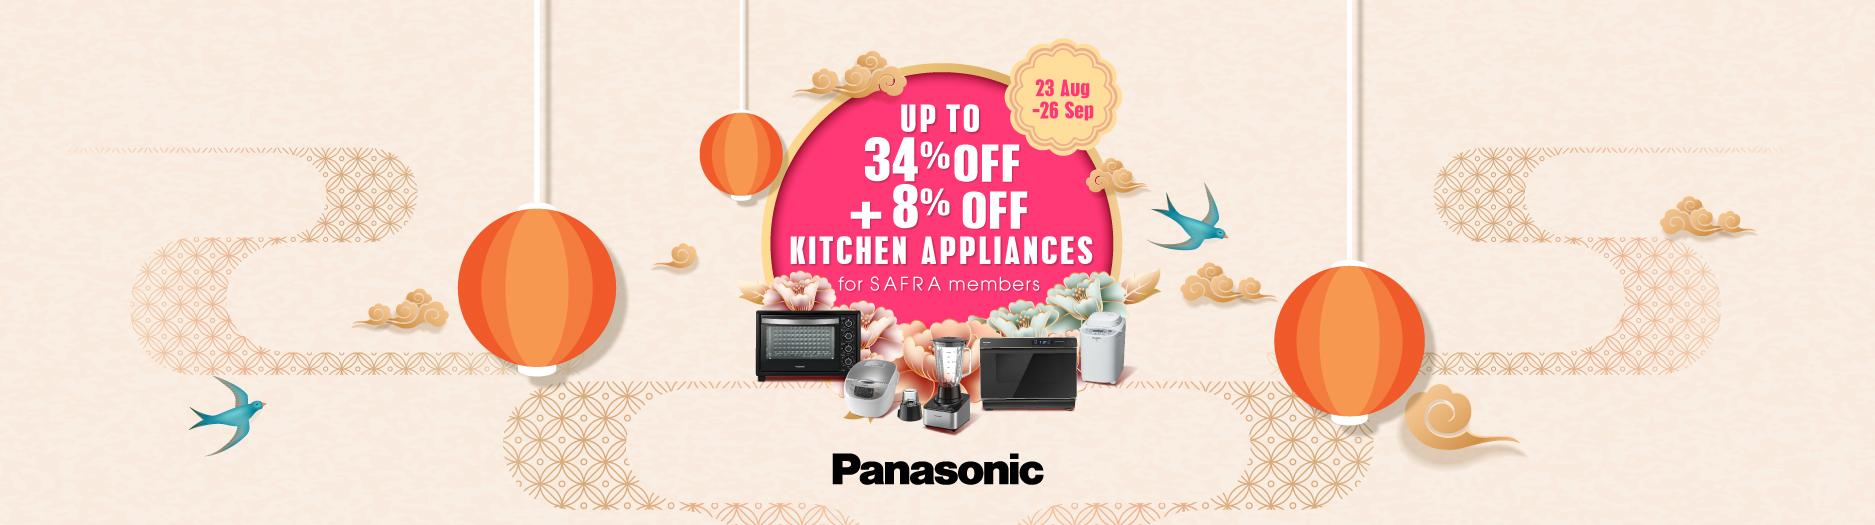 NEW #4506 Panasonic X SAFRA Shopee EC campaign  1870x525-E1v1